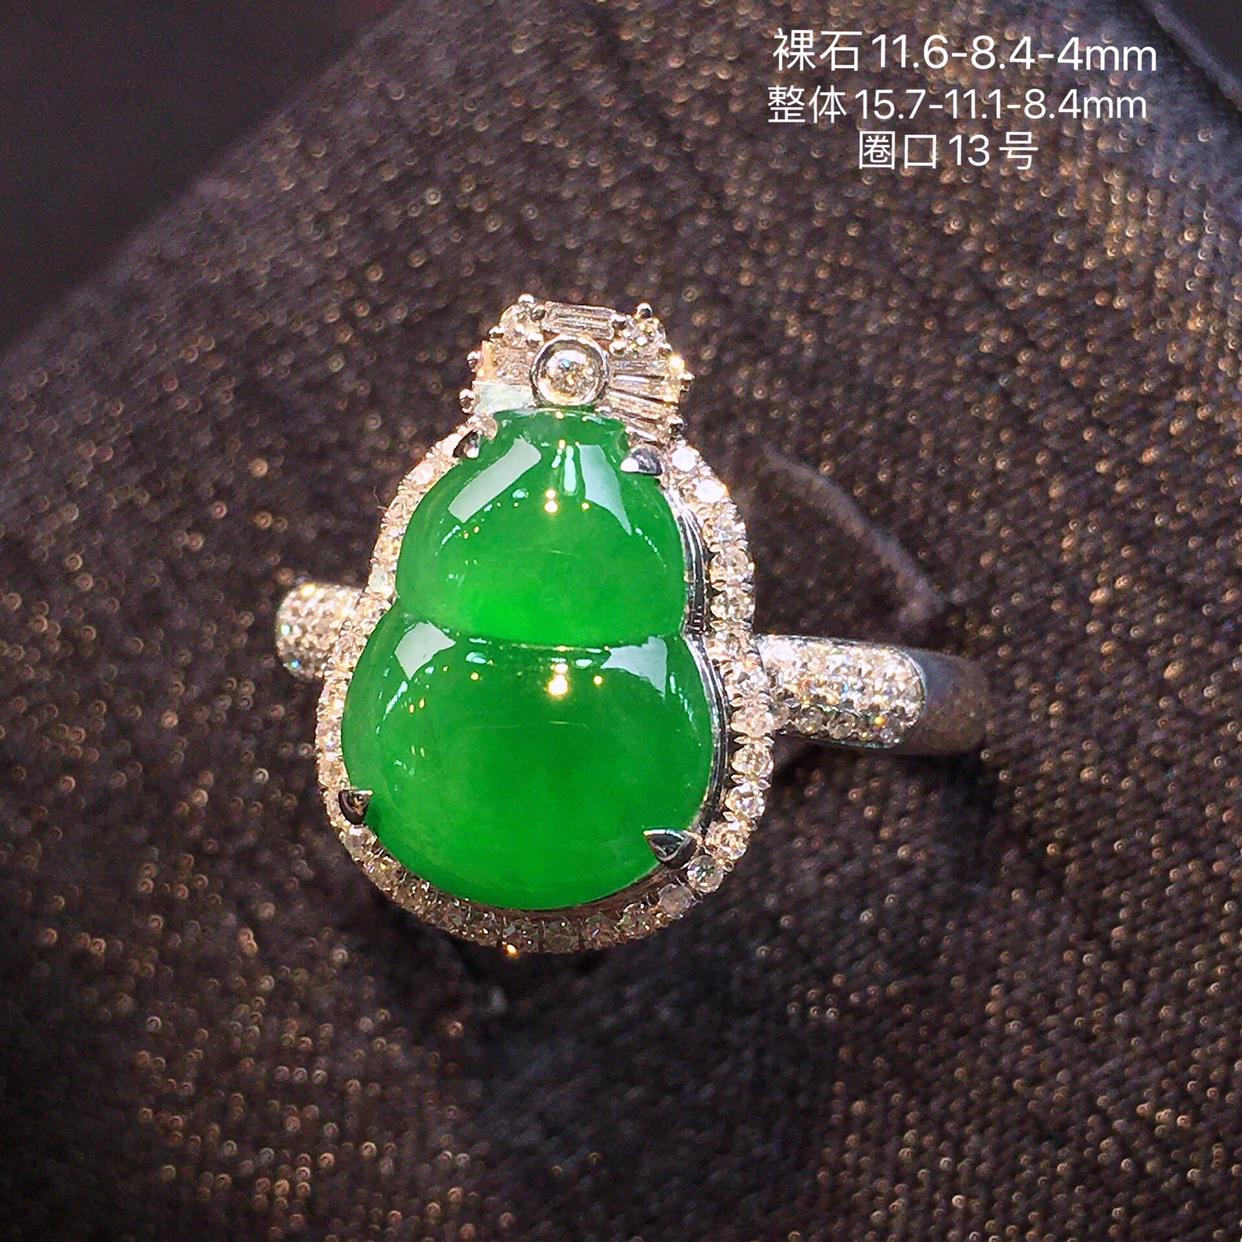 品质优选高冰种正阳绿色葫芦戒指,色标料子,颜色浓郁鲜艳,形态周正,18k金镶嵌钻石,裸石11.6-